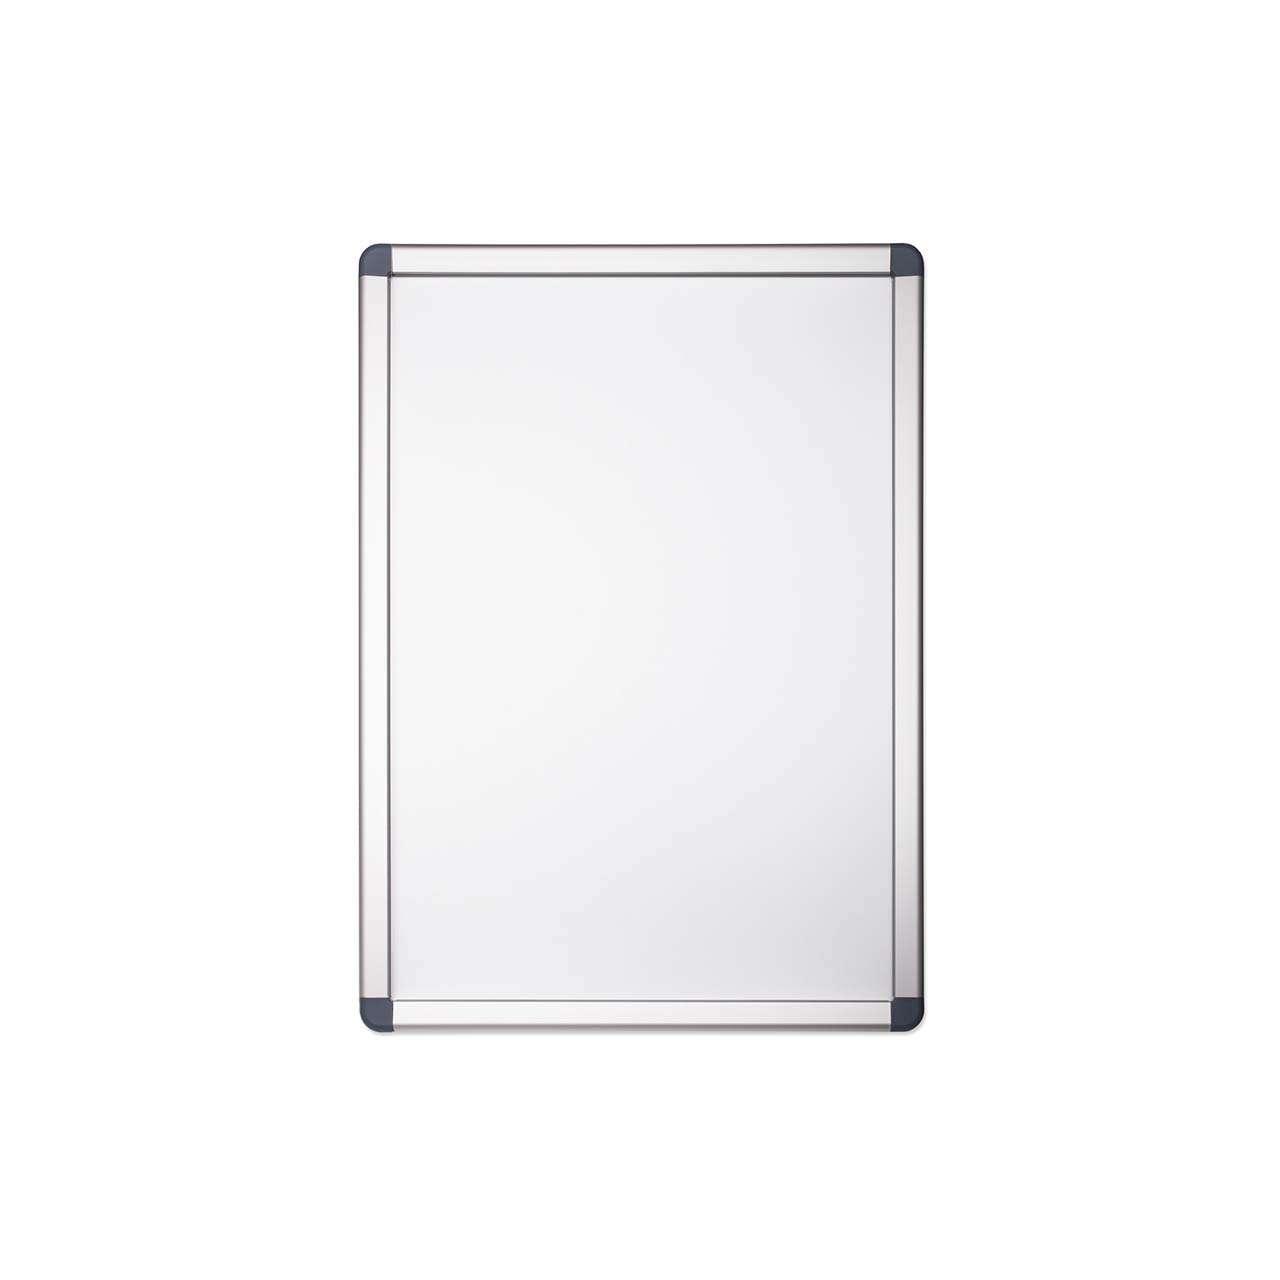 Alu Plakatrahmen DIN A1 (594 x 841 mm) | Plakatrahmen DIN A1 ...